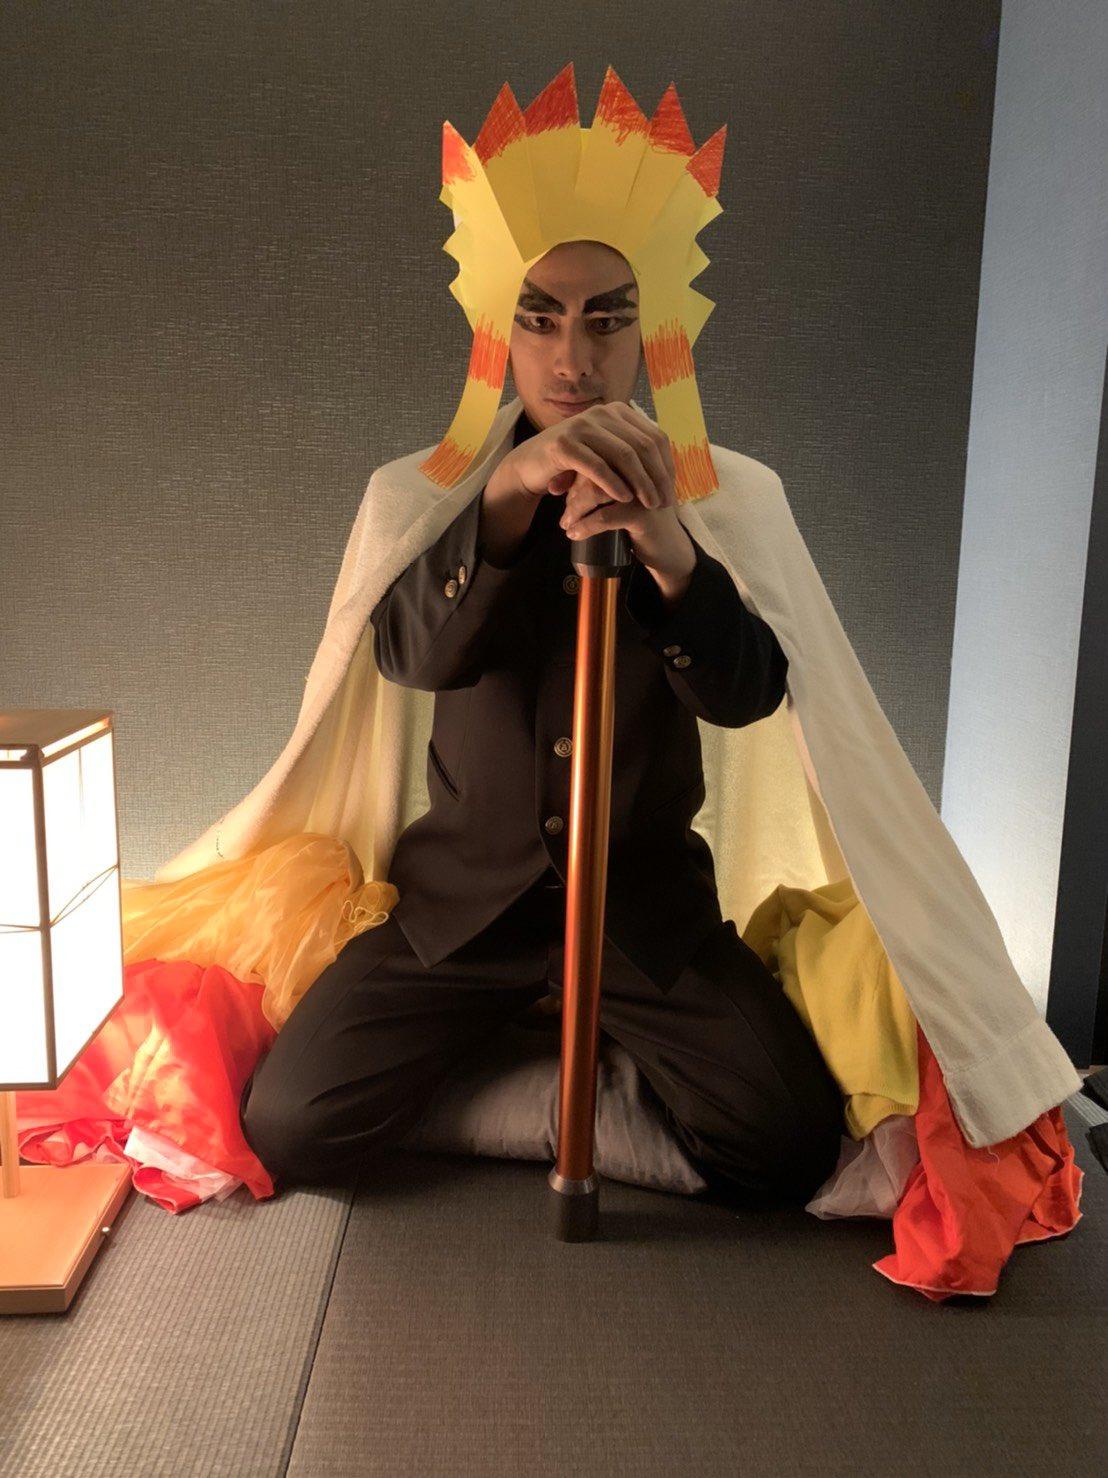 ロンブーの田村淳さんwww渾身の『鬼滅の刃』の煉獄杏寿郎コスプレを披露www